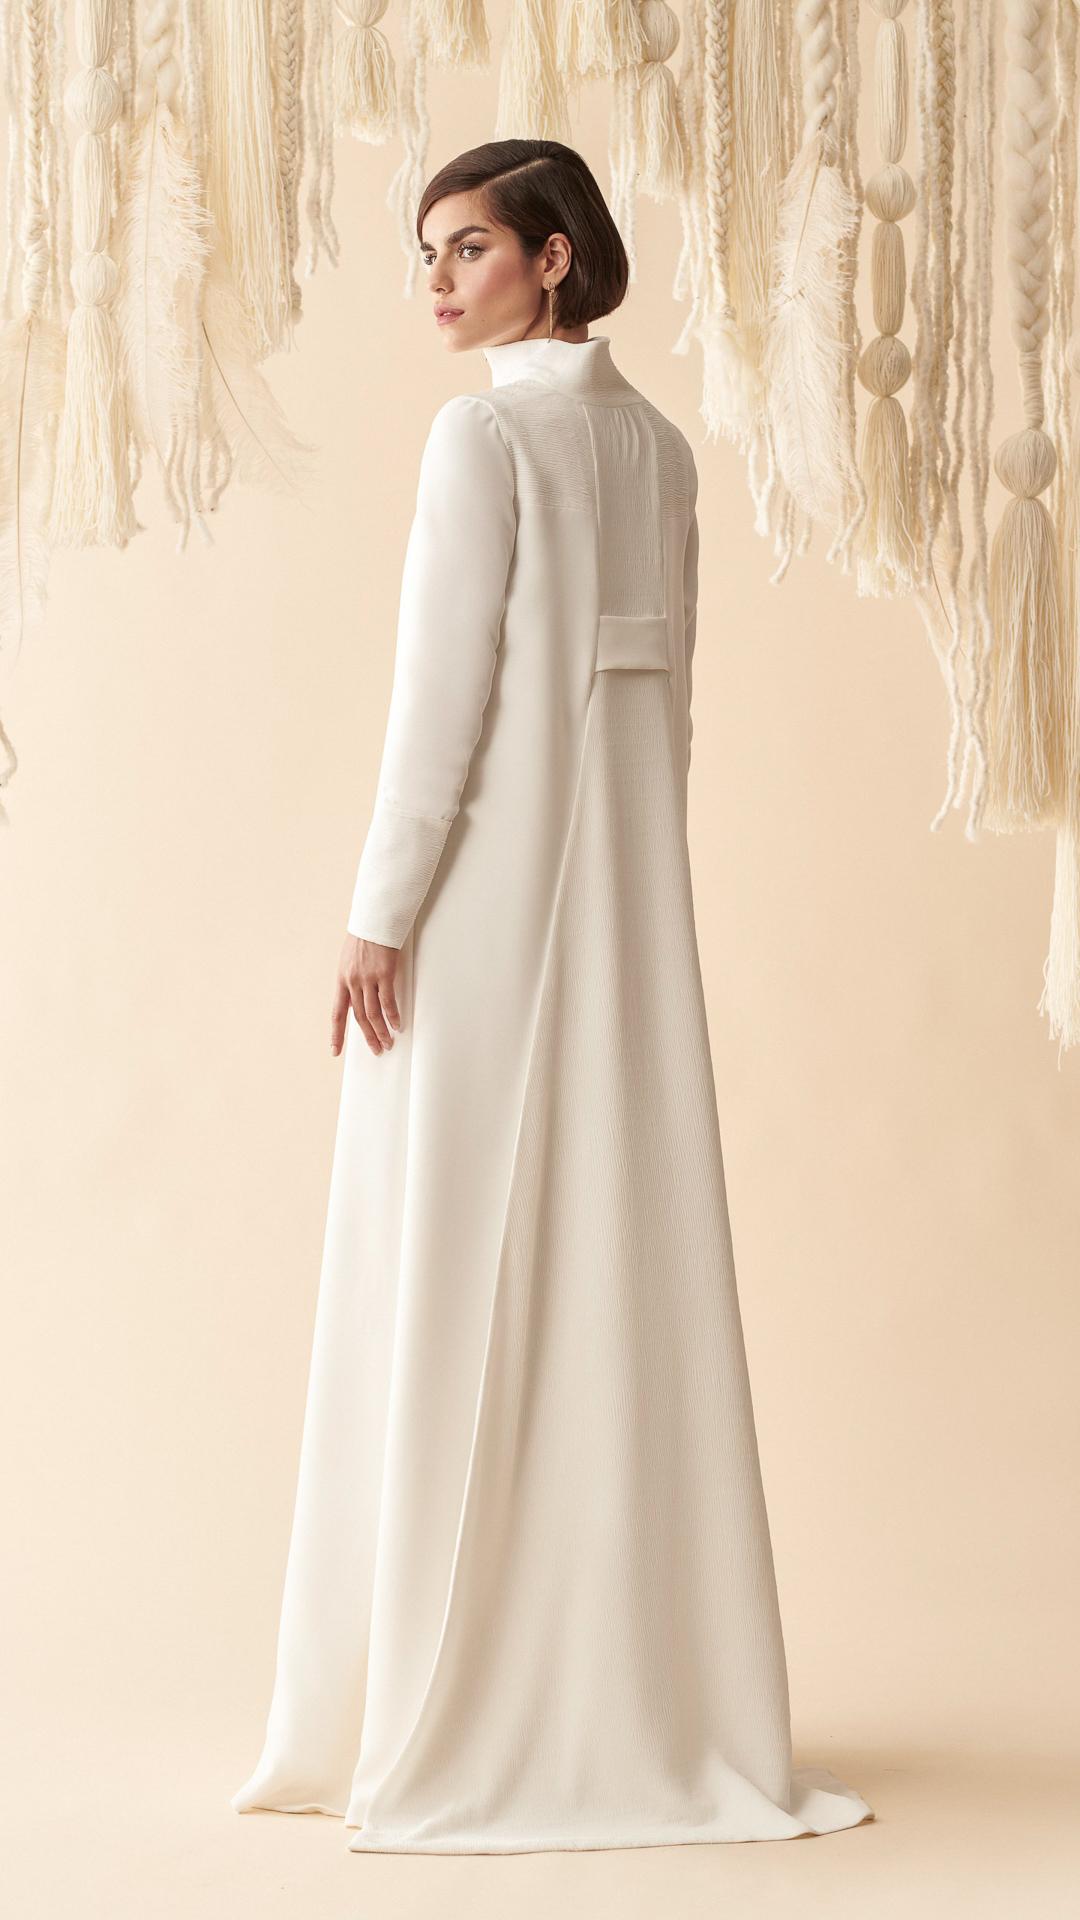 Yera Agave - Marylise Brautkleider 2020